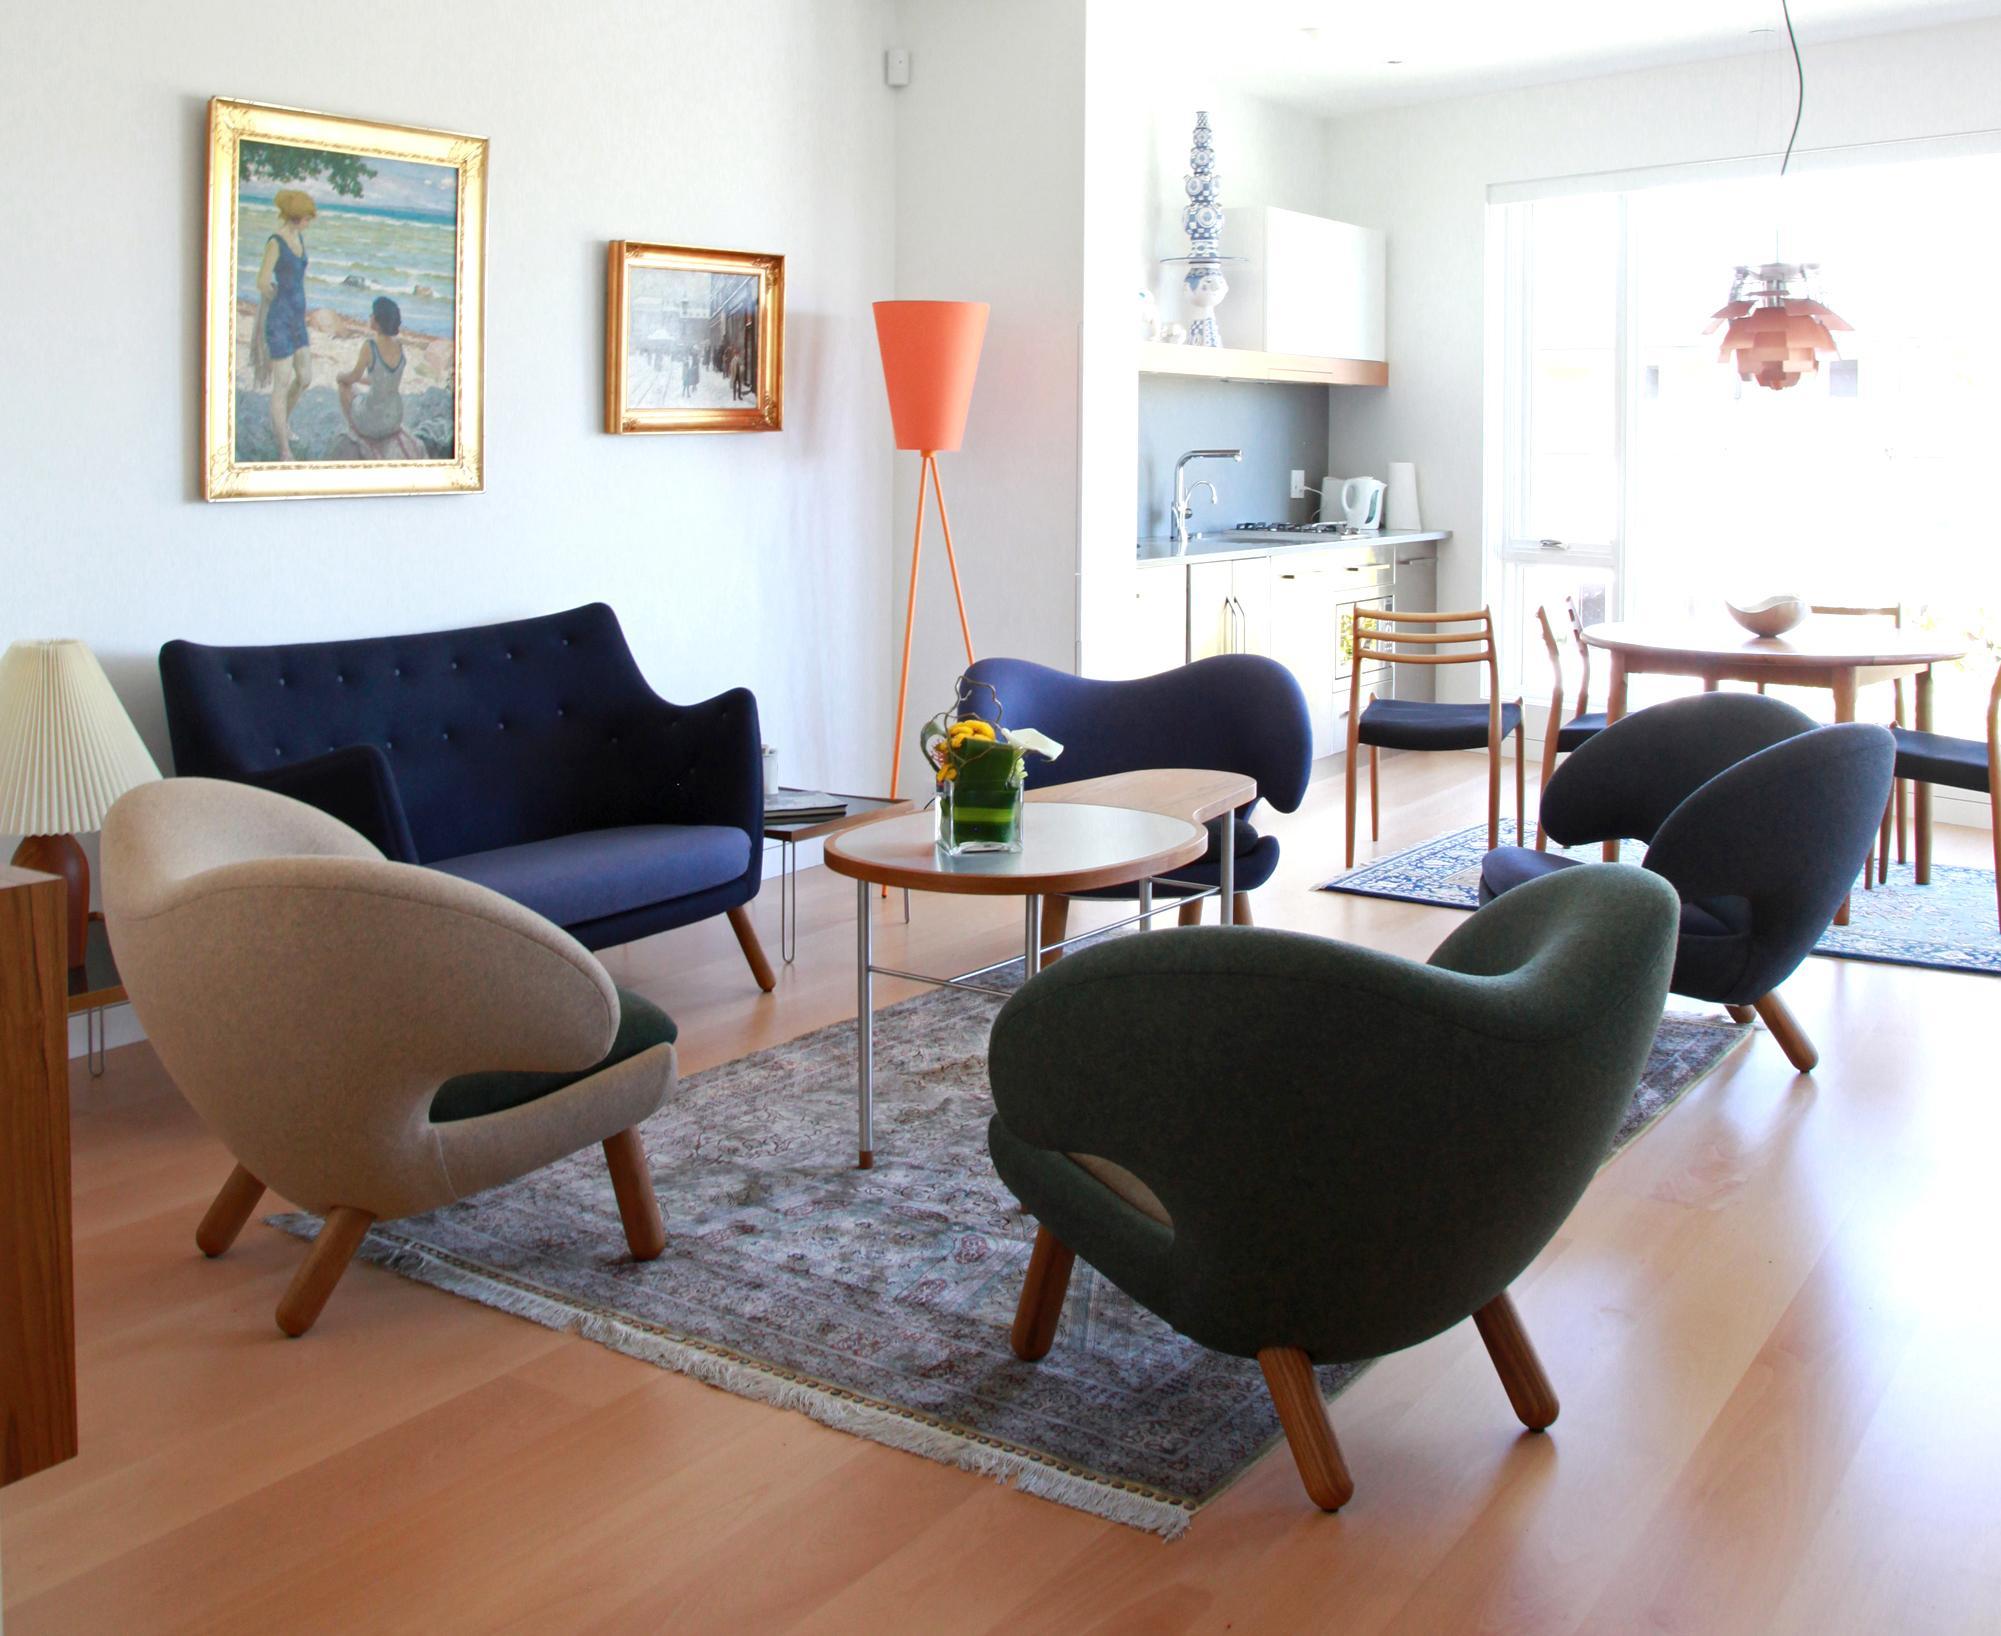 Klassische Sitzgruppe Couchtisch Wohnkche Teppich Wohnzimmer Sessel Stehlampe Sofa